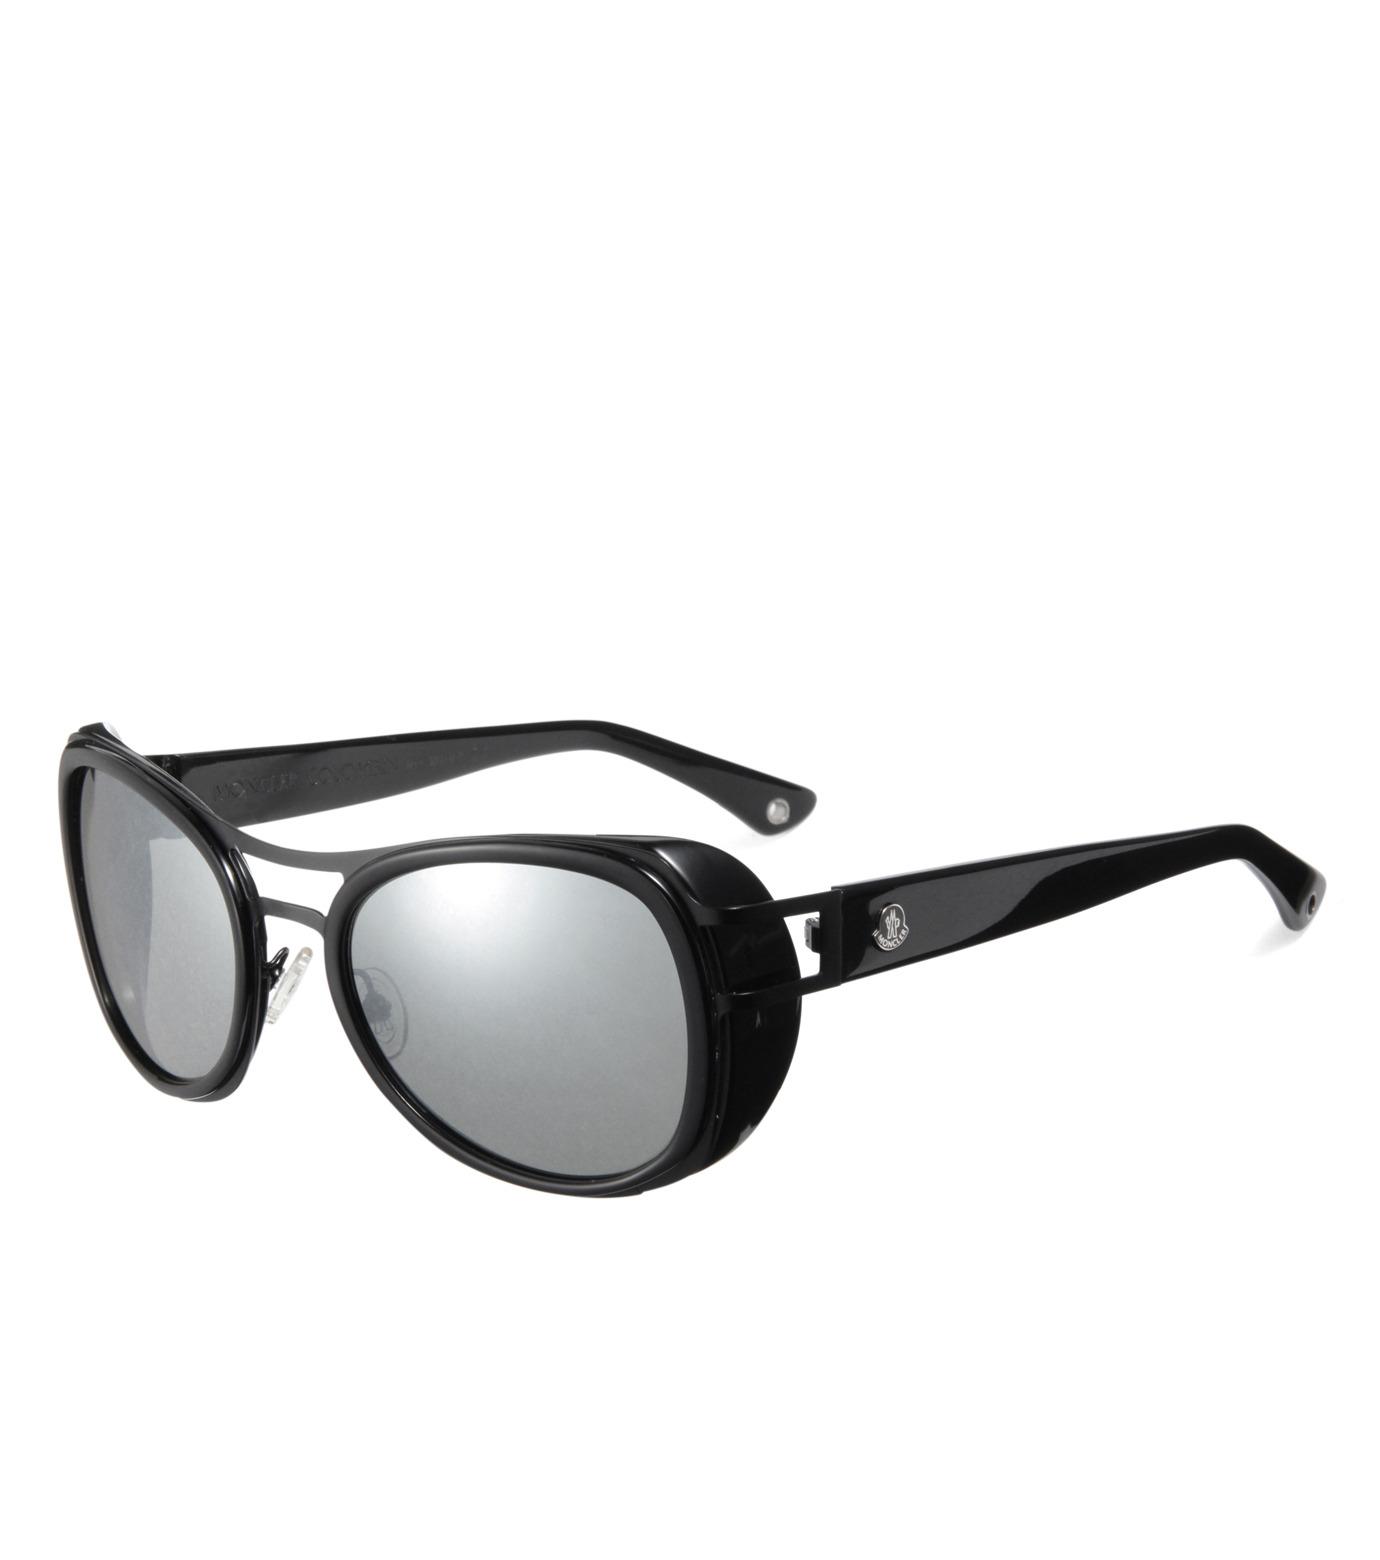 Moncler Eyewear(モンクレールアイウェア)のEYEWEAR-BLACK(アイウェア/eyewear)-MC509-13 拡大詳細画像1